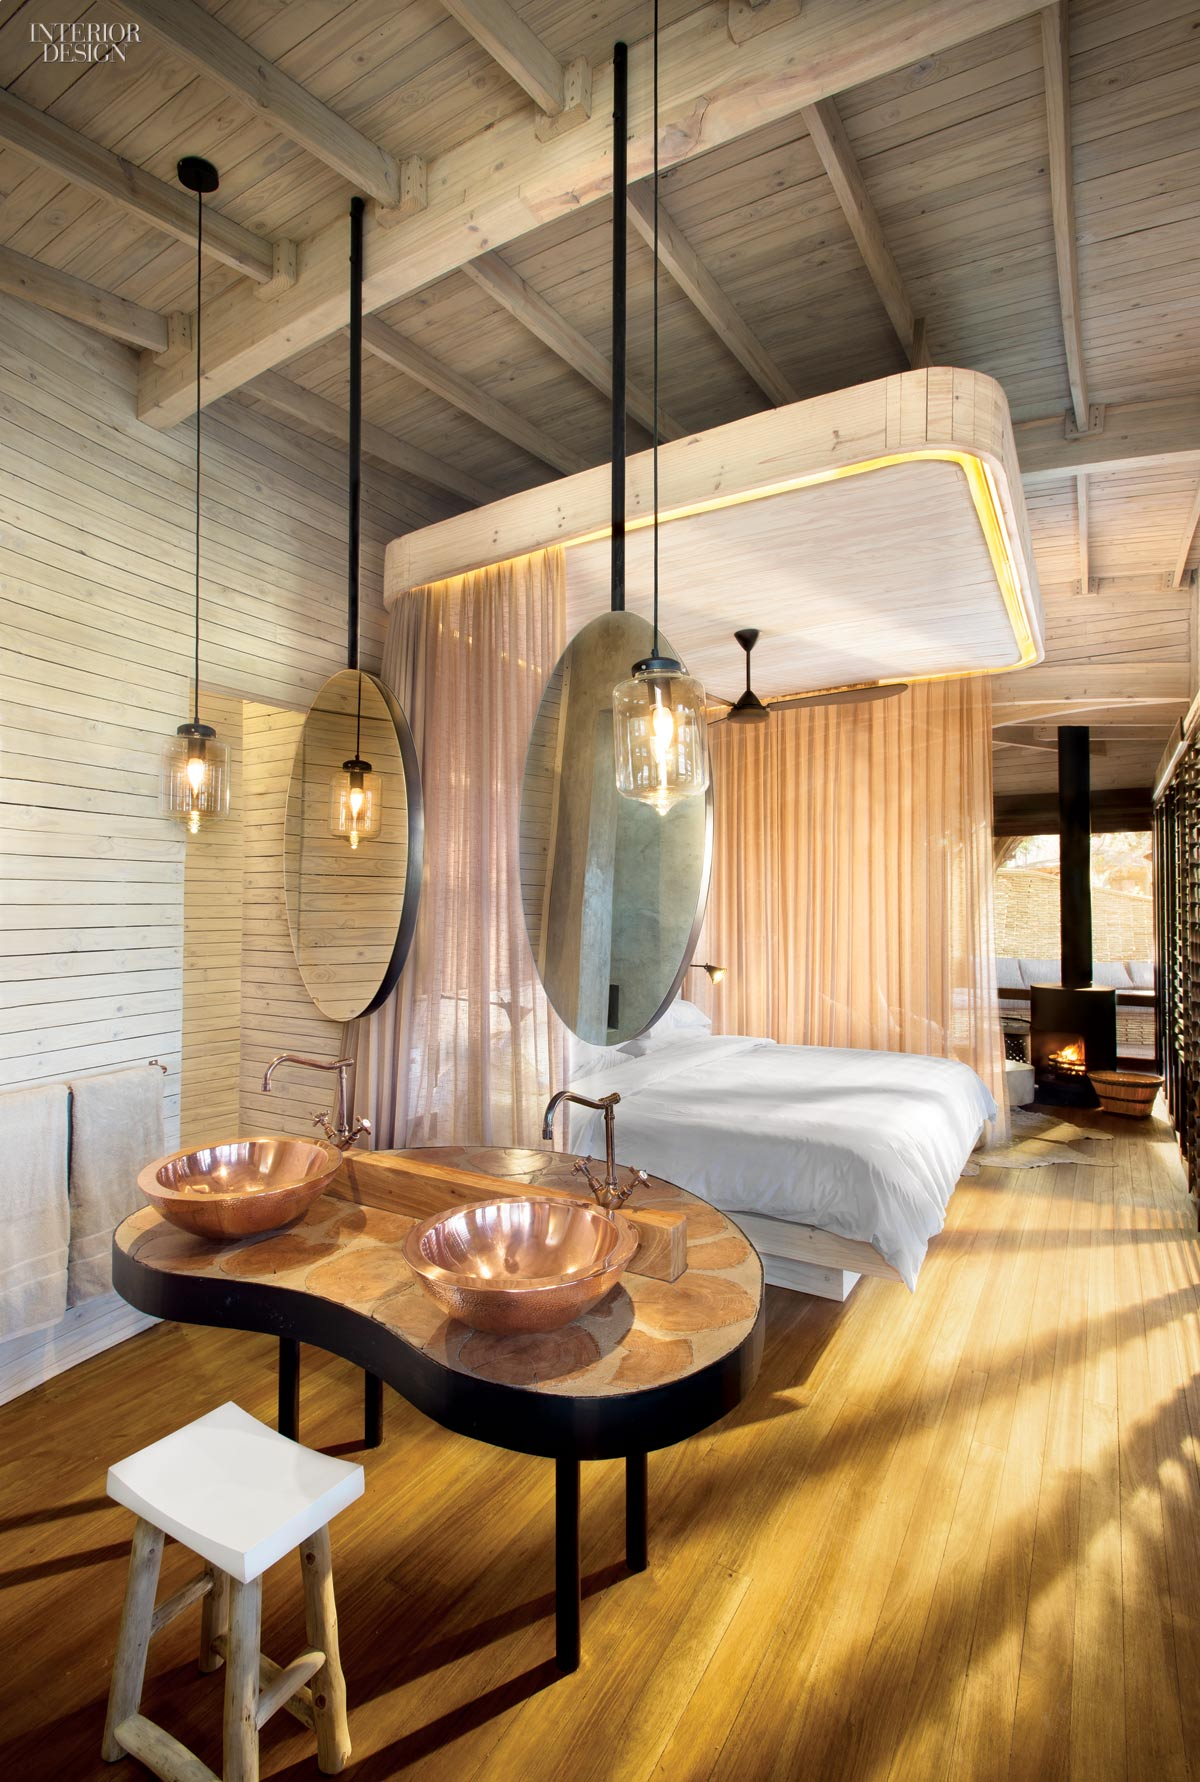 vyloc interior design trade shows sydney 376394270 2018